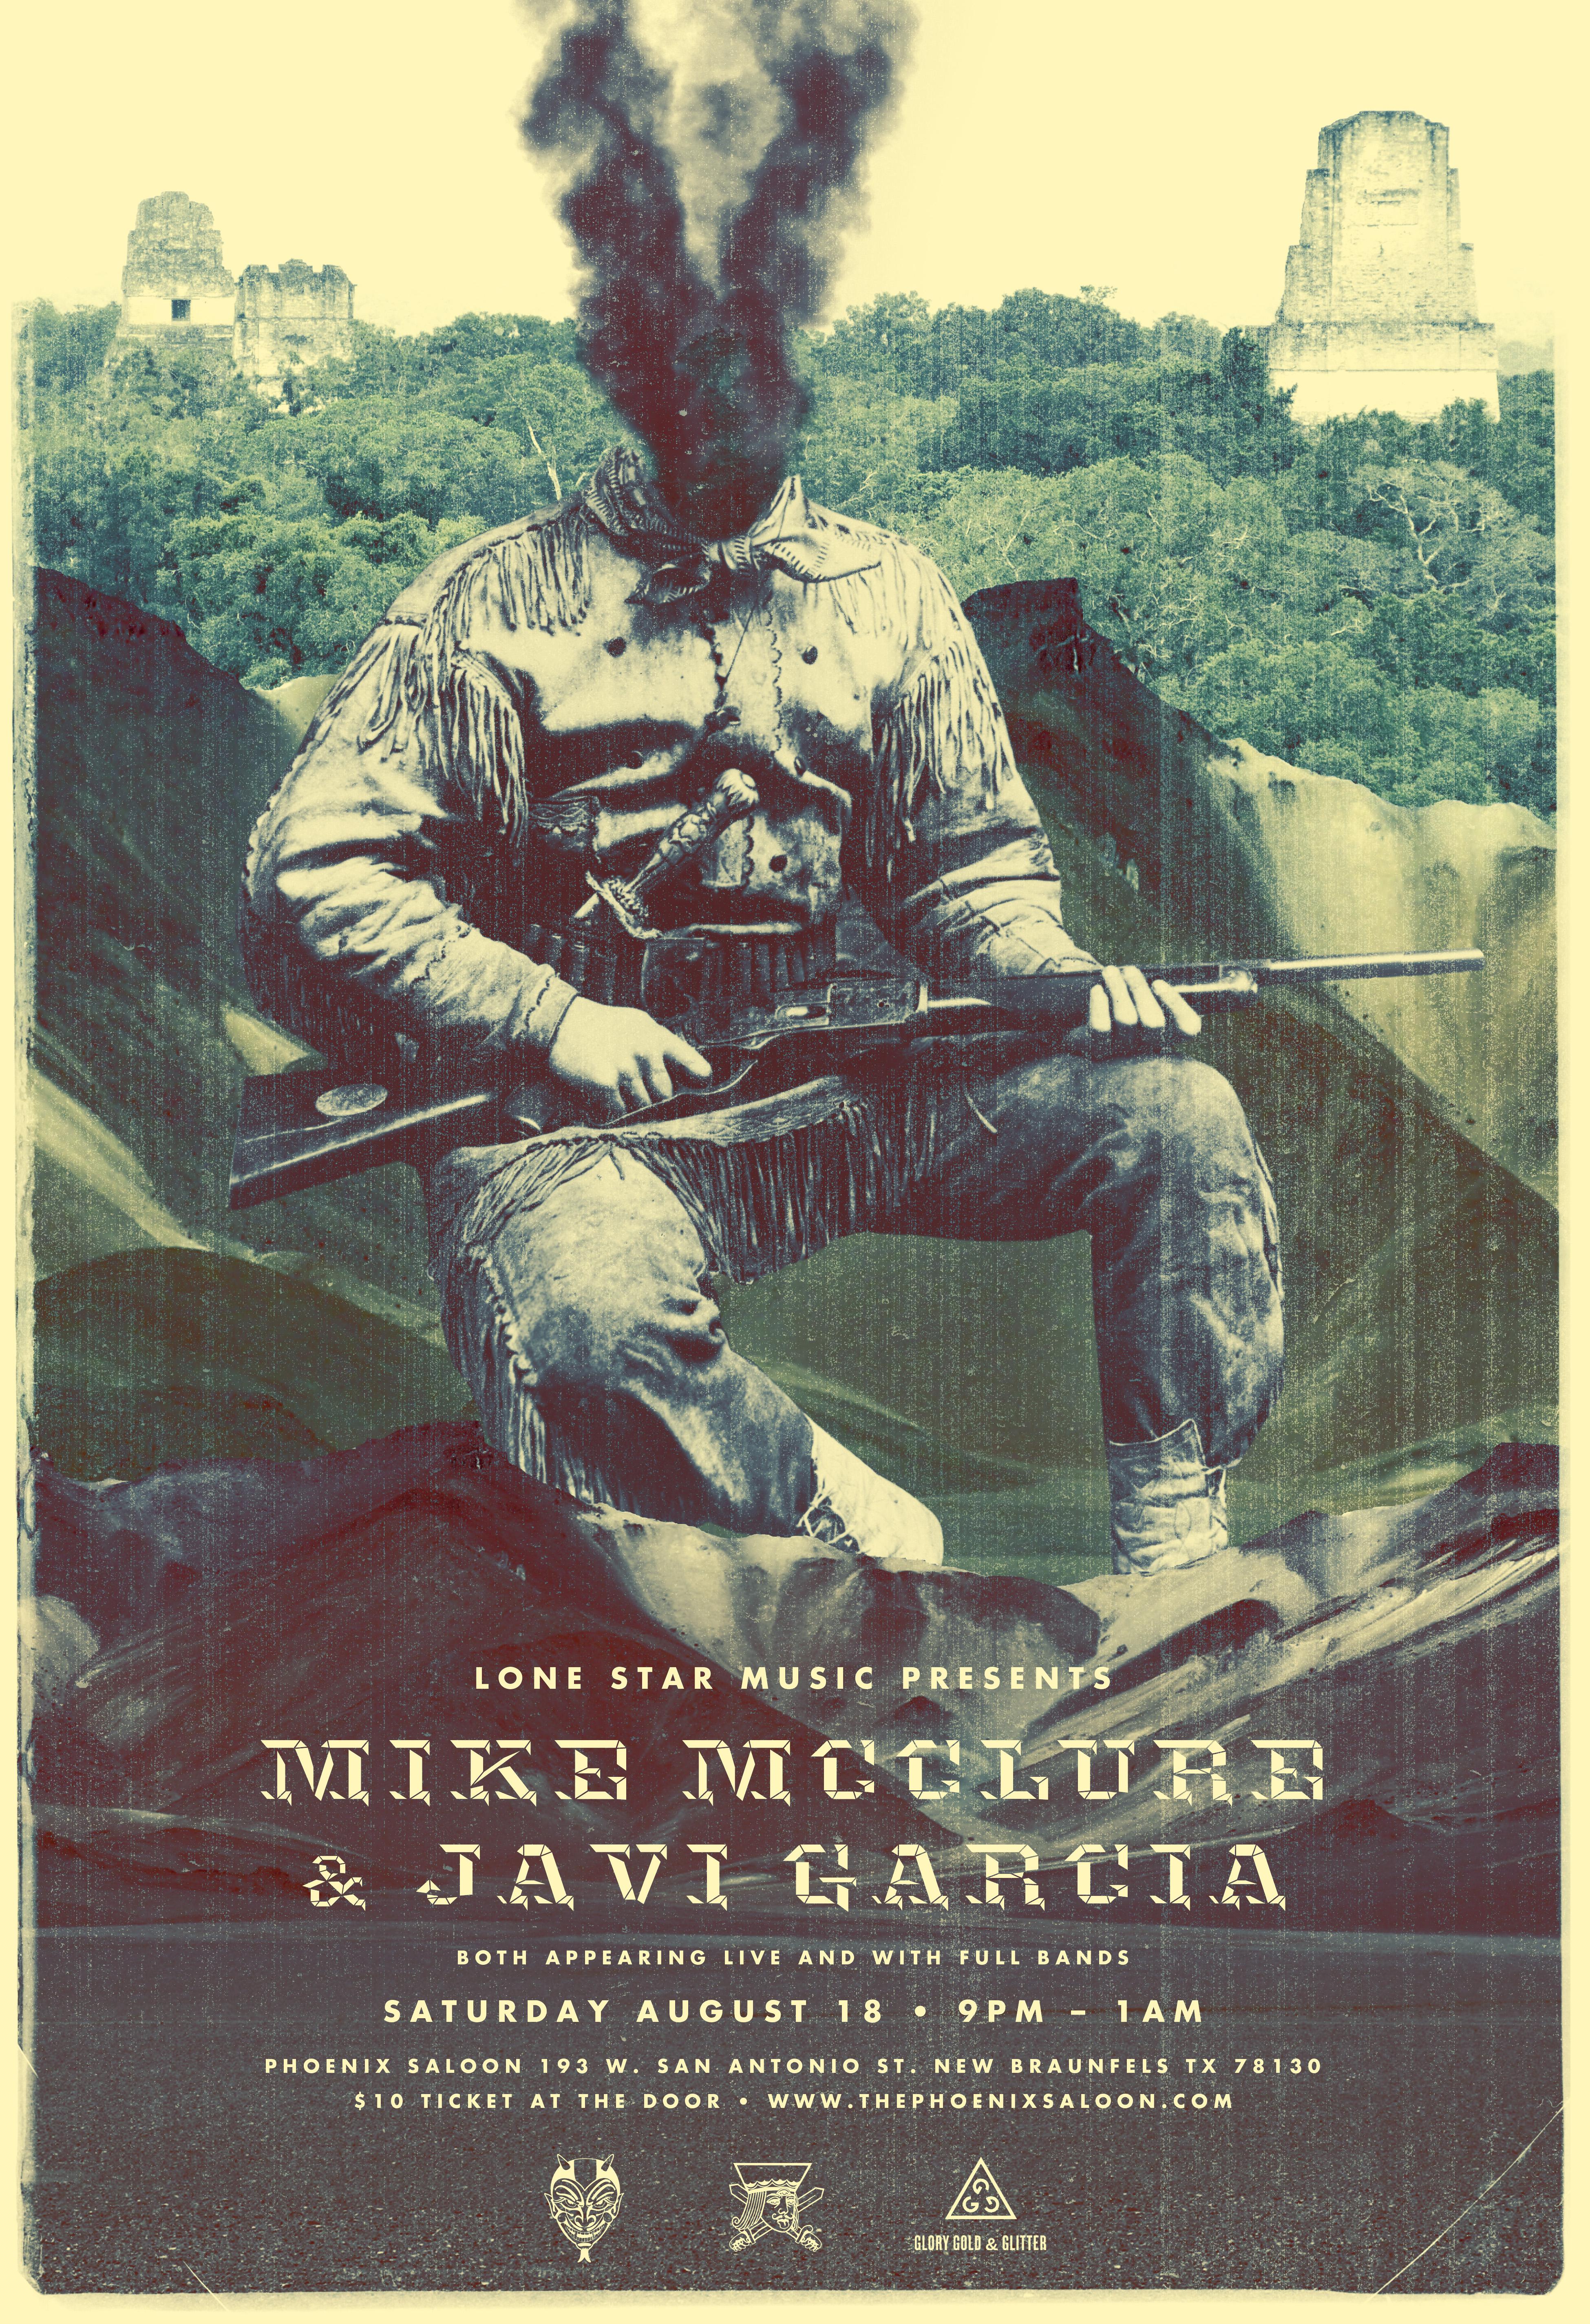 Javi Garcia + Mike McClure